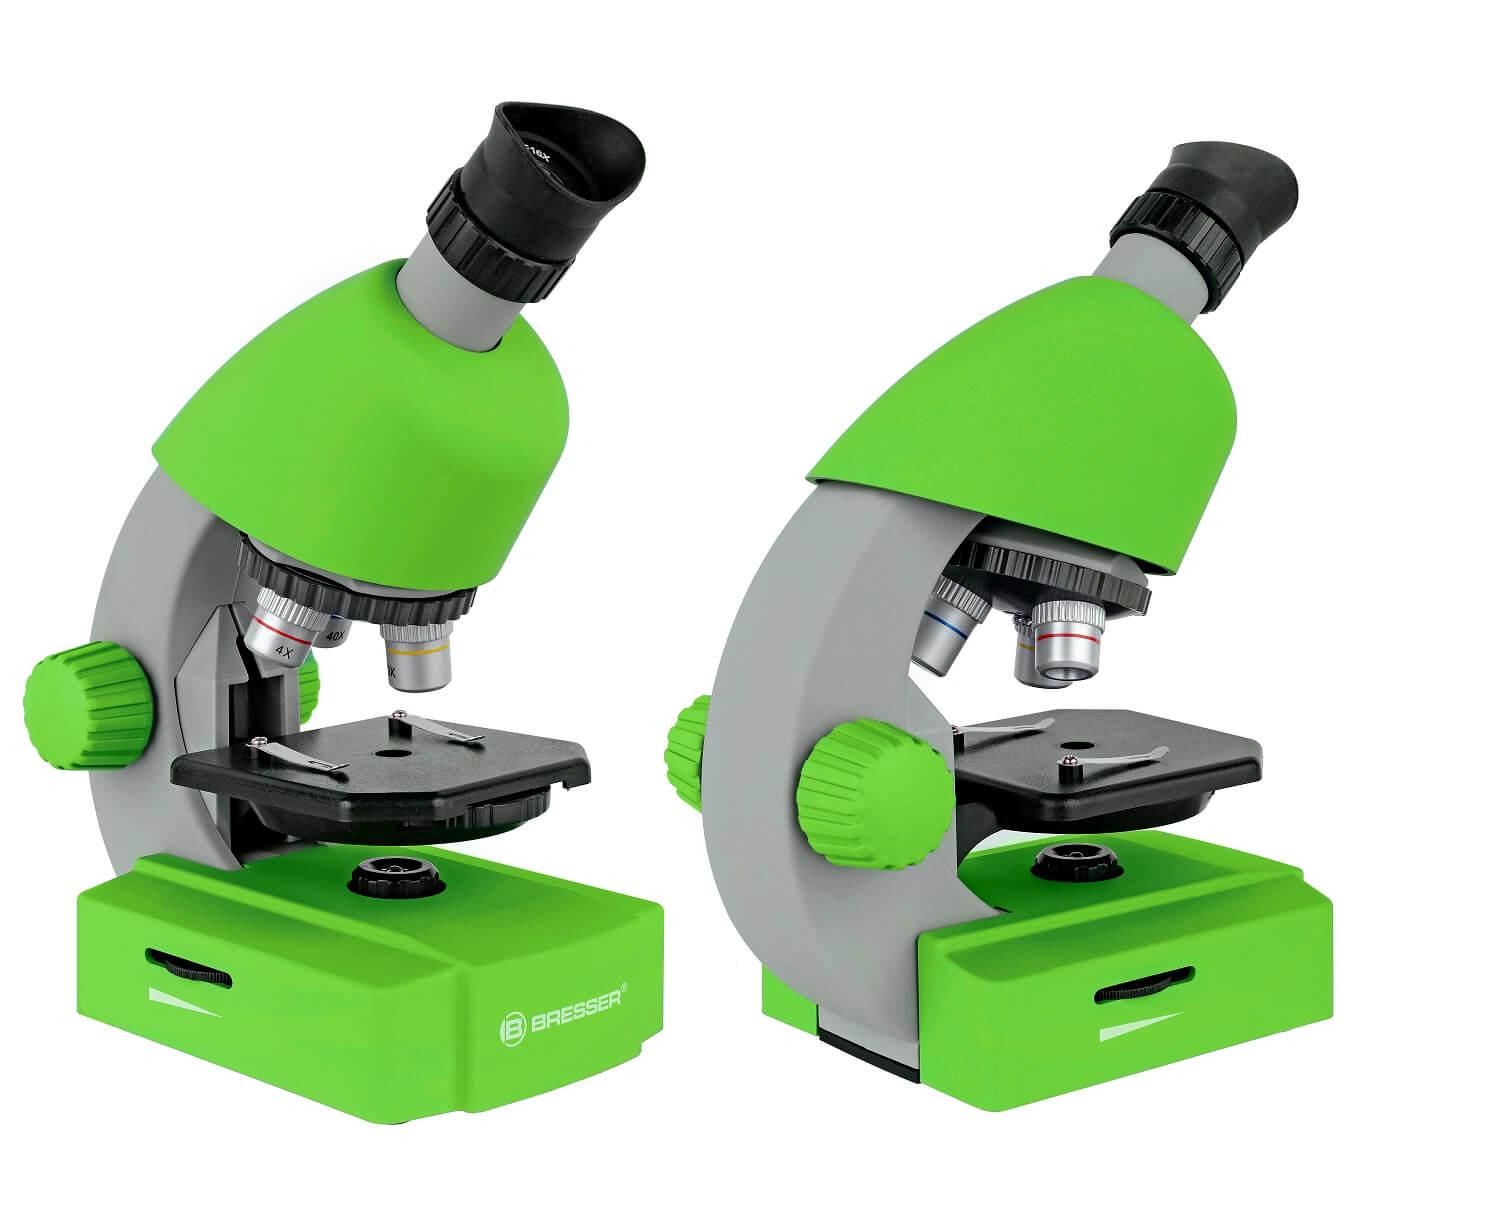 Kinder mikroskop monokular bresser optik junior usb x